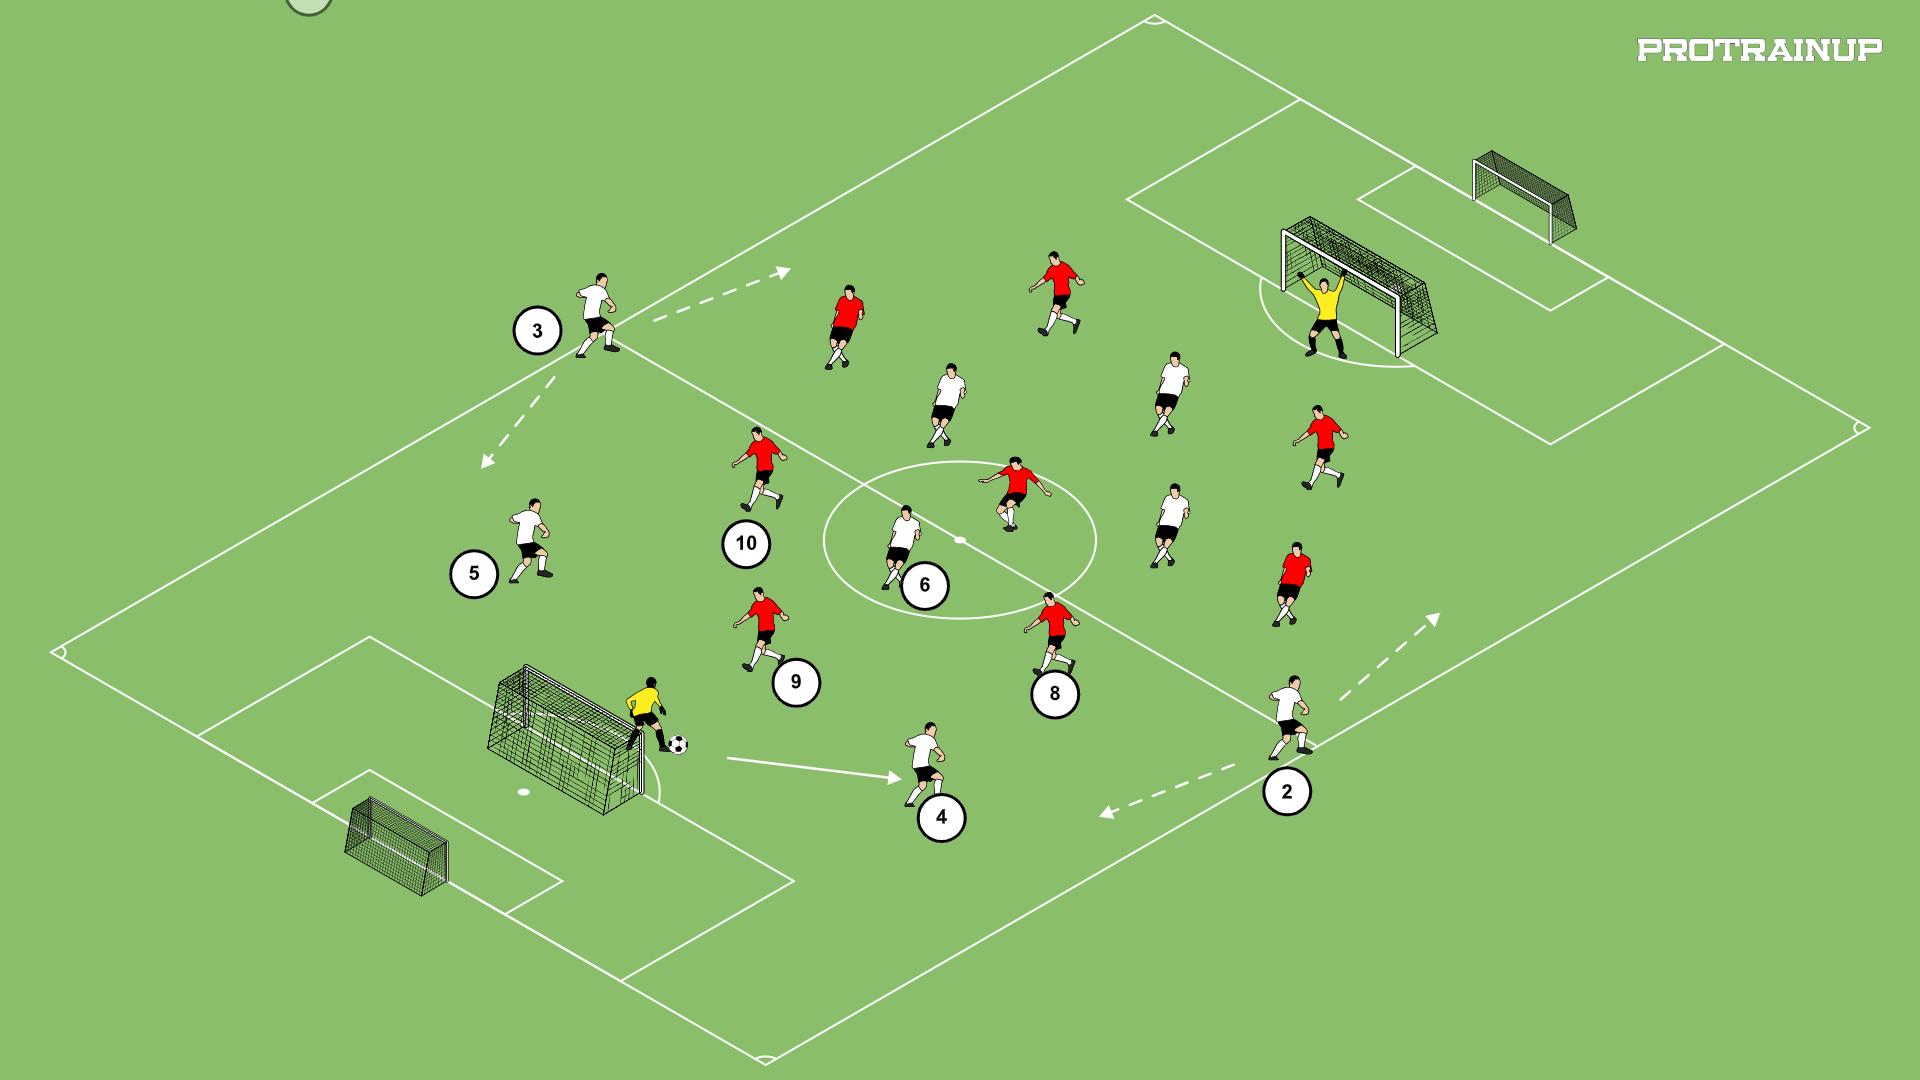 gra zadaniowa BR + 5x3 do 5x5 + BR z akcentem otwarcia gry